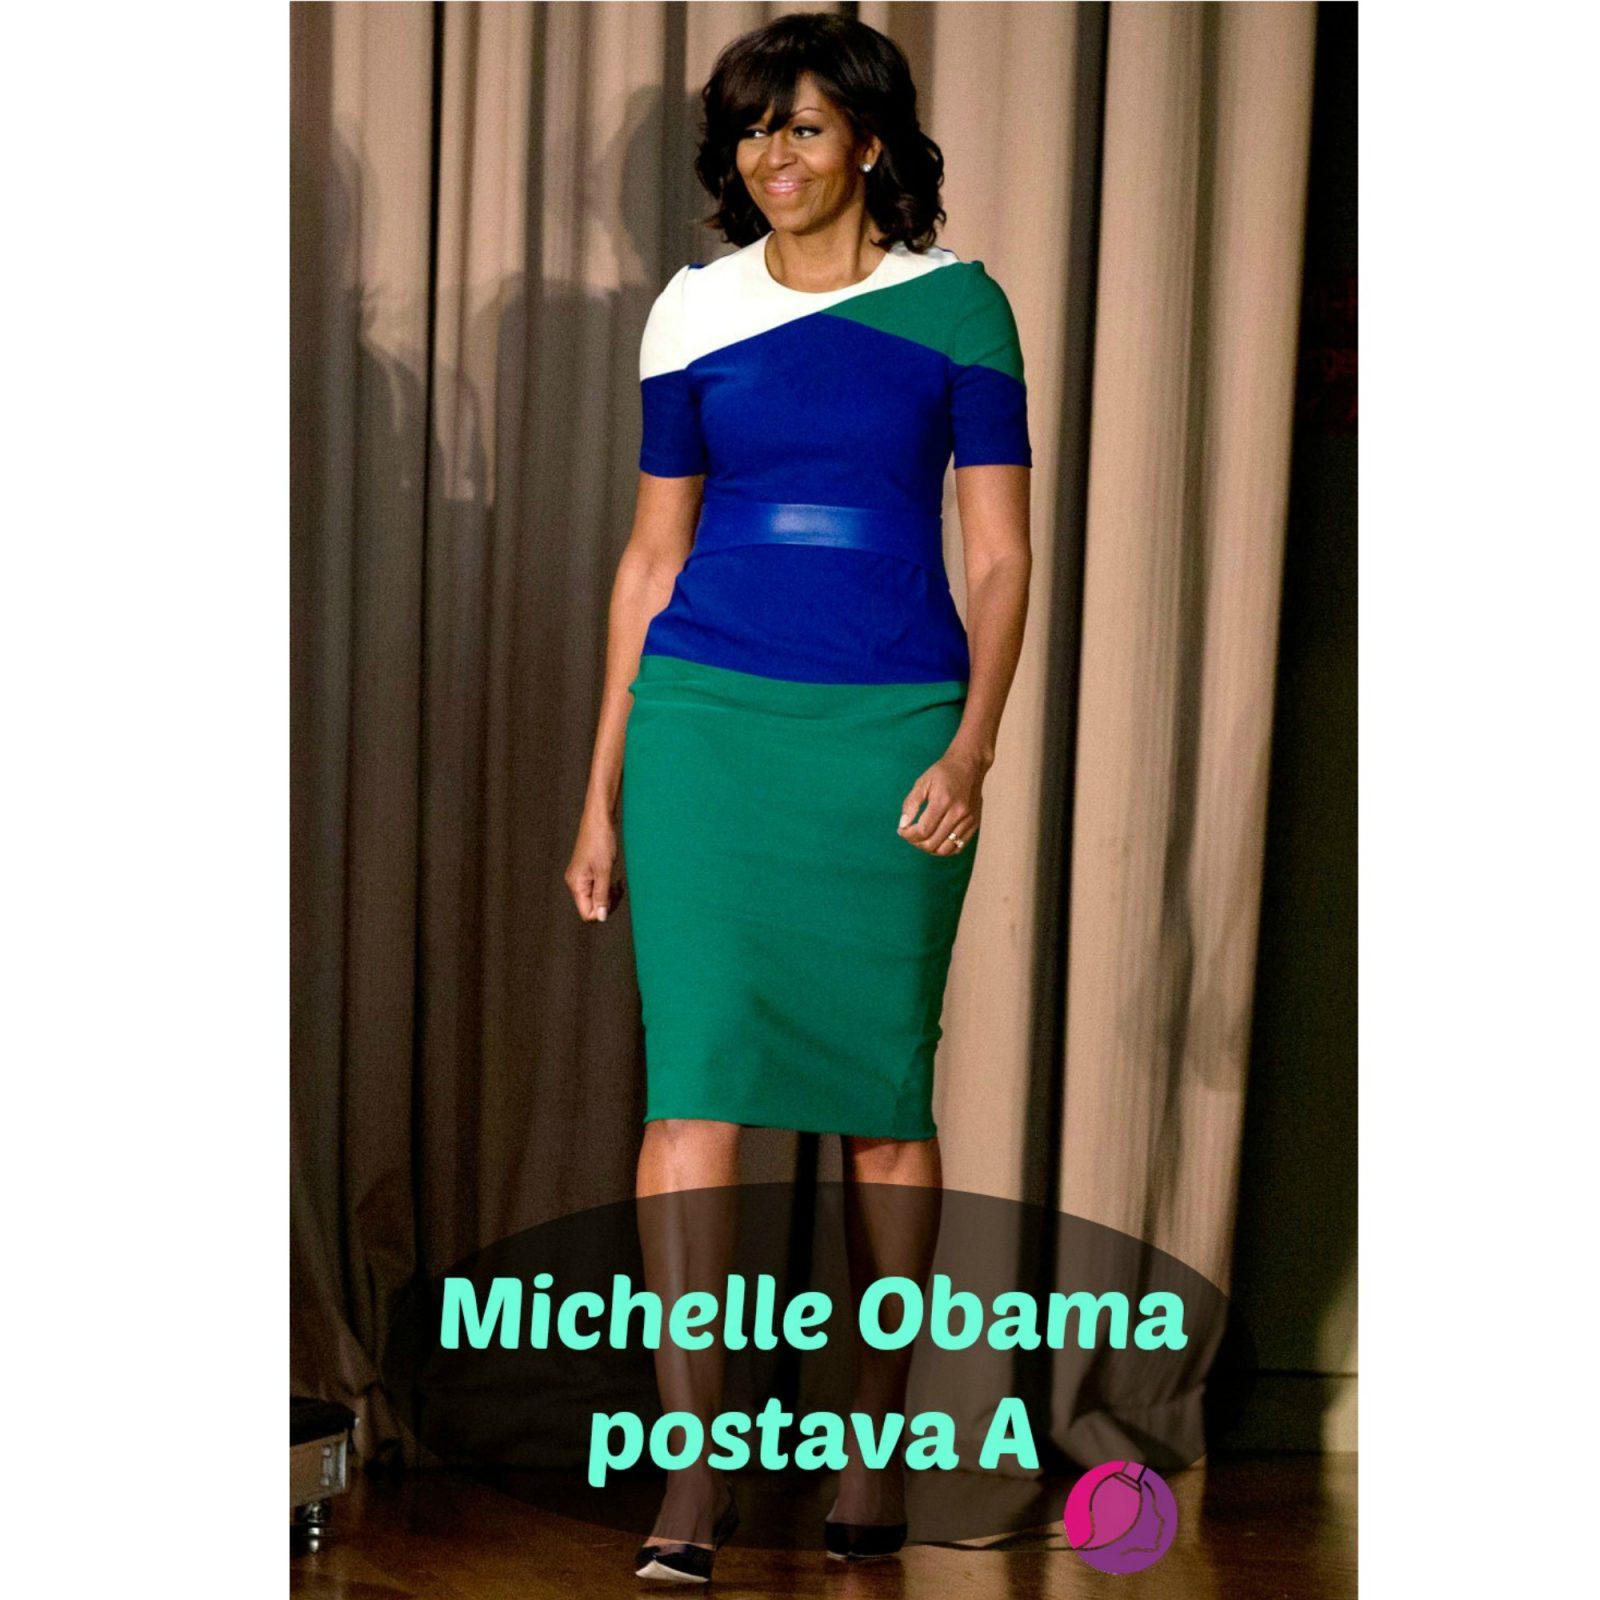 Michelle Obama – Postava A